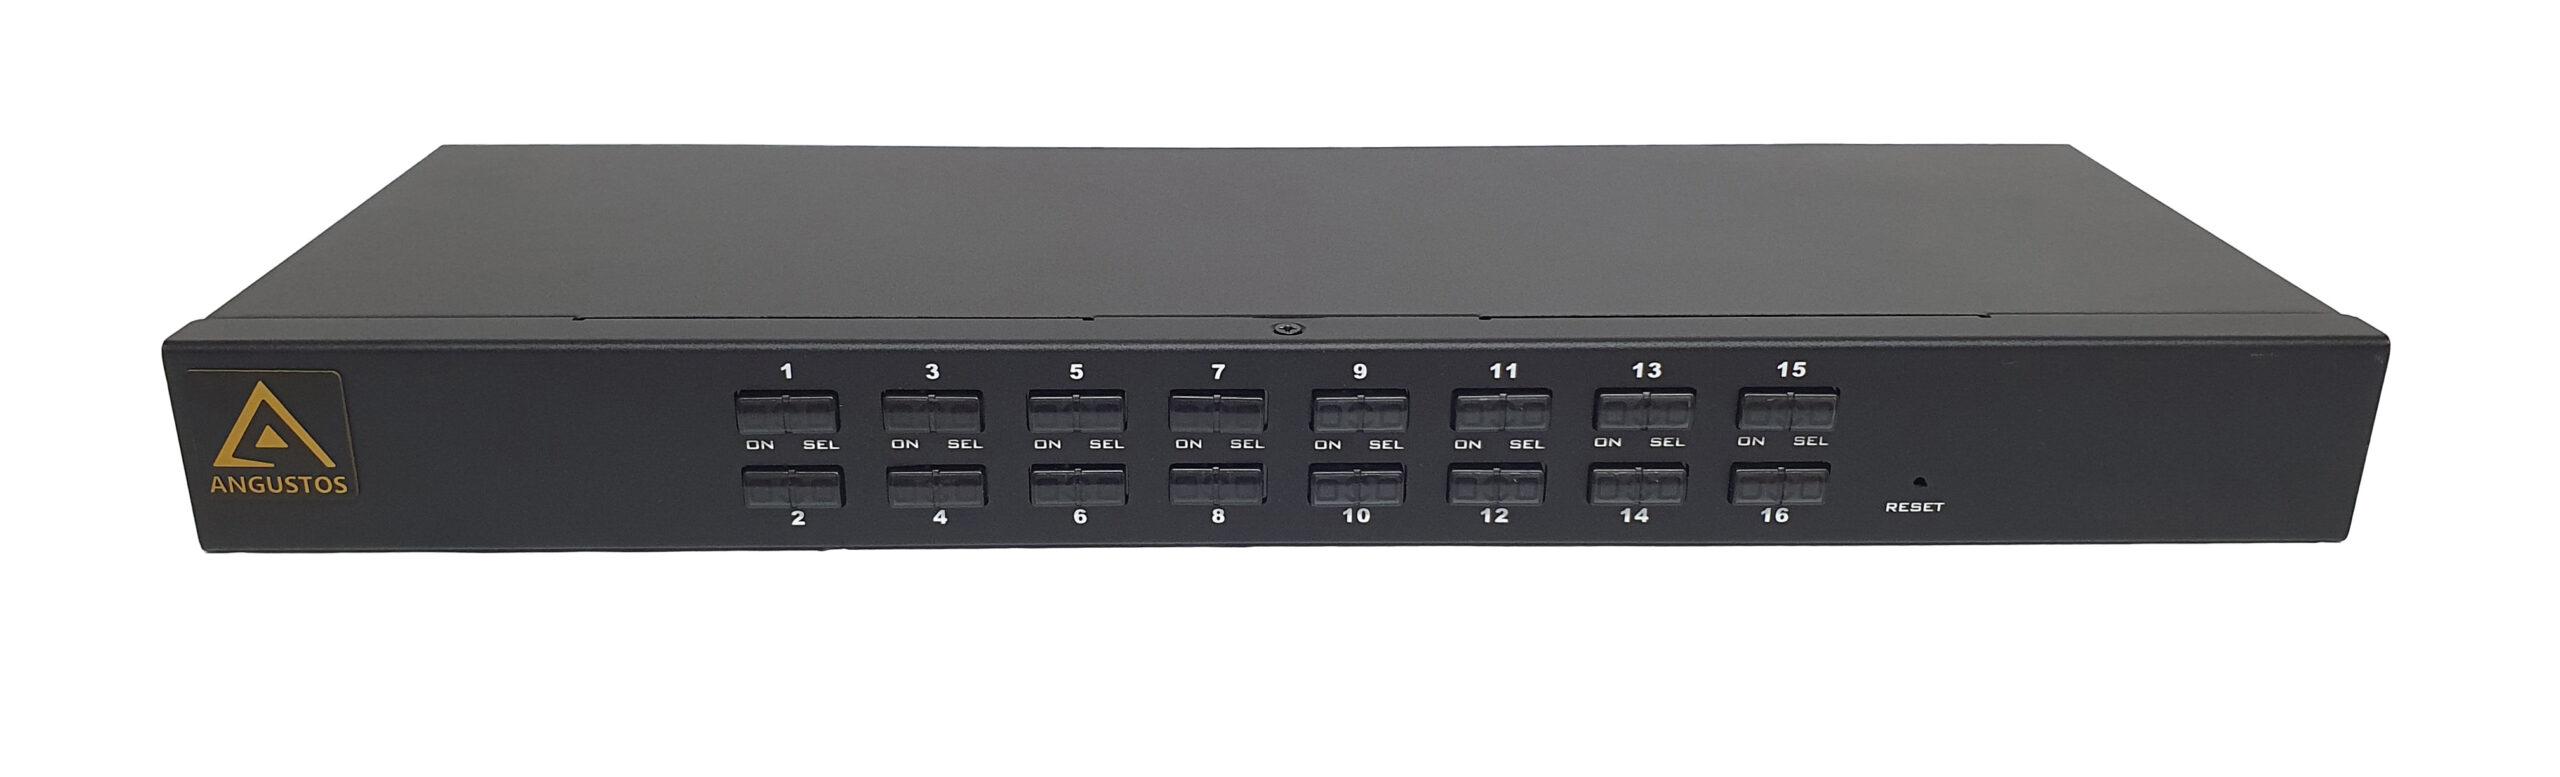 Thiết Bị KVM Switch - AR-H16L 16 Port HDMI